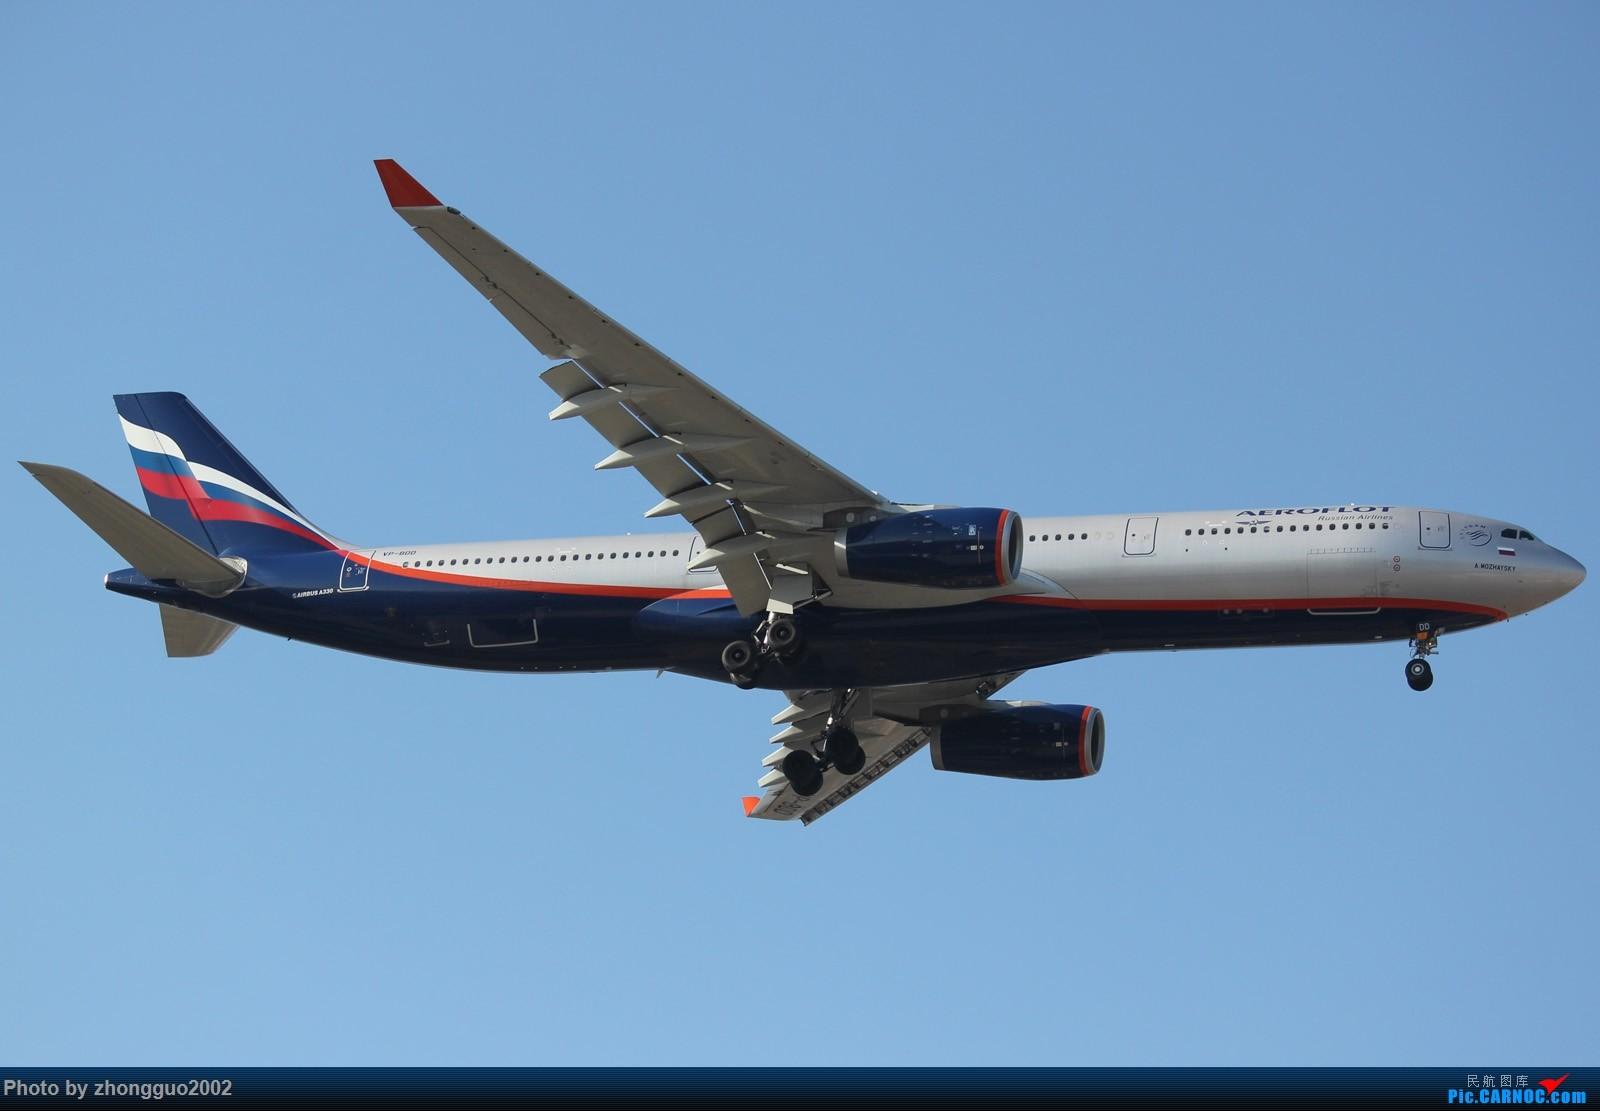 """Re:[原创]北京强劲的偏北风,把庞大的A380都""""吹""""的复飞了,我还是第一次见到,好天气再发点图吧! AIRBUS A330 VP-BDD PEK"""